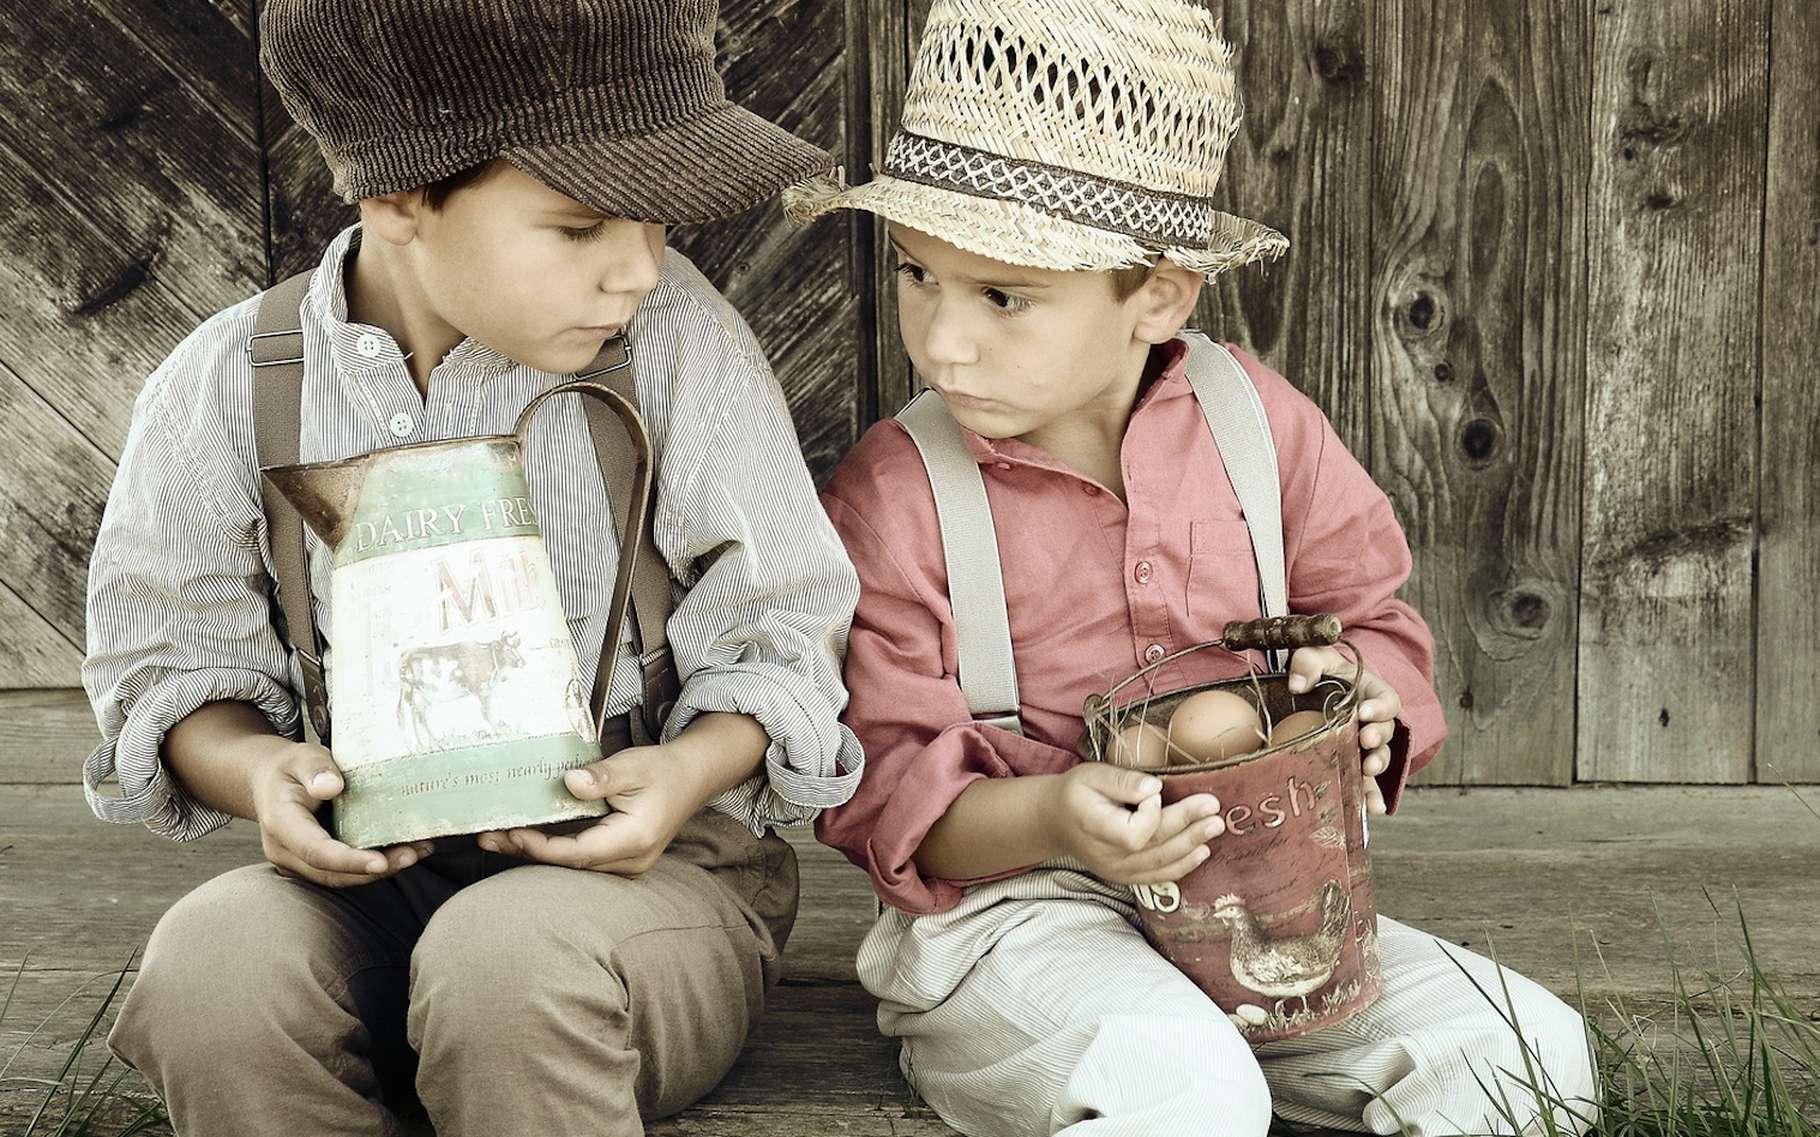 Il n'est pas rare que les enfants aient envie de ce que possèdent leurs frères ou sœurs. © S.Kobold, Fotolia